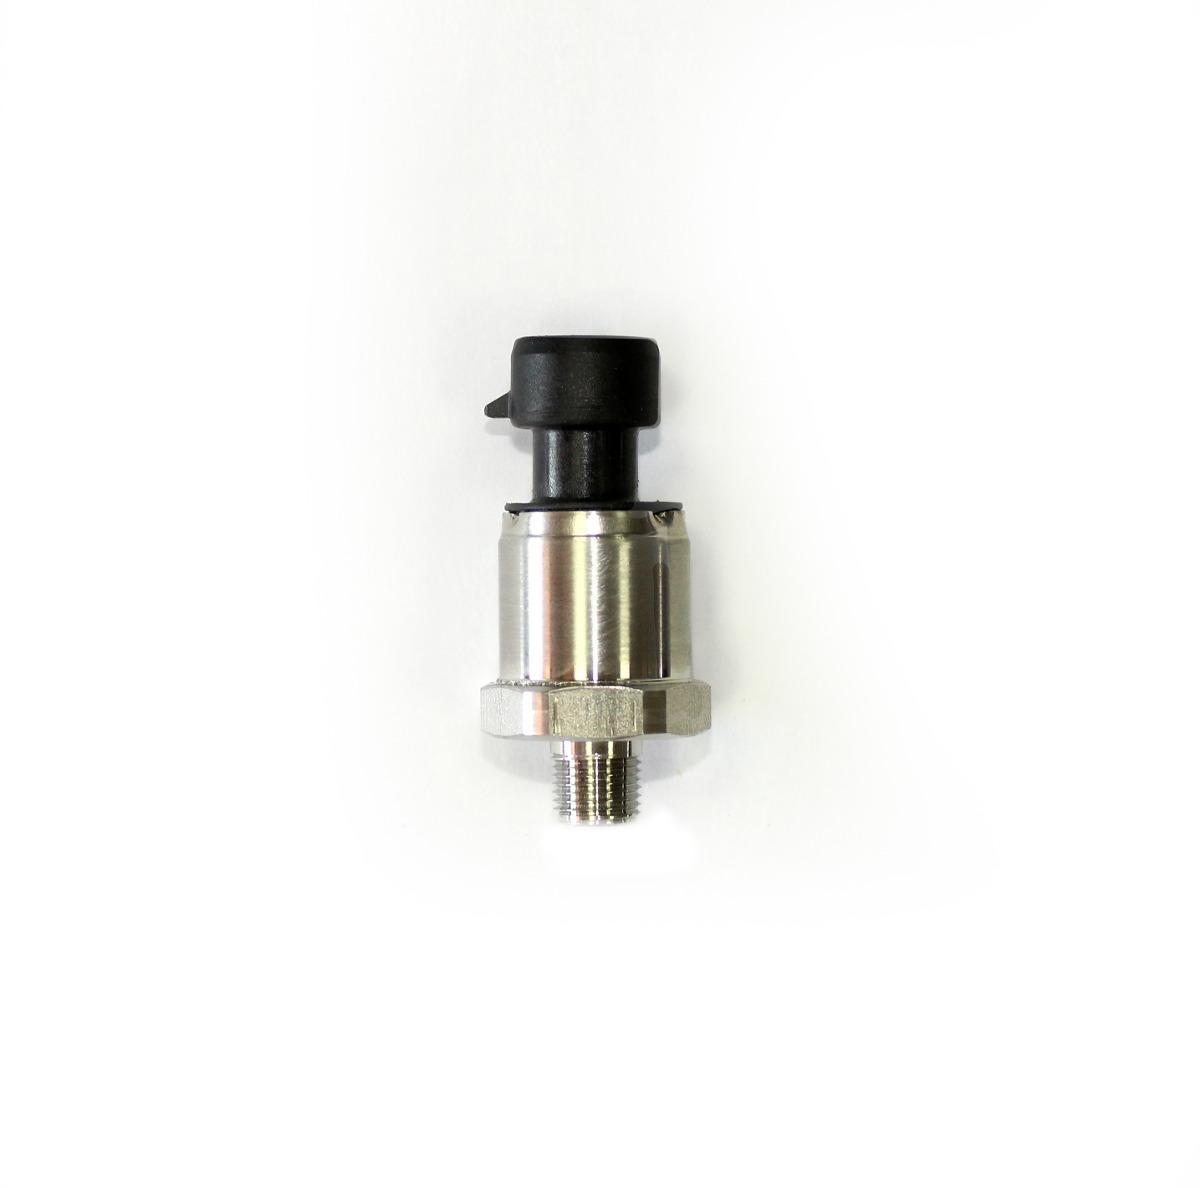 Sensor de pressão Pieso 0 - 400 Bar - 0,5 a 4,5V -...